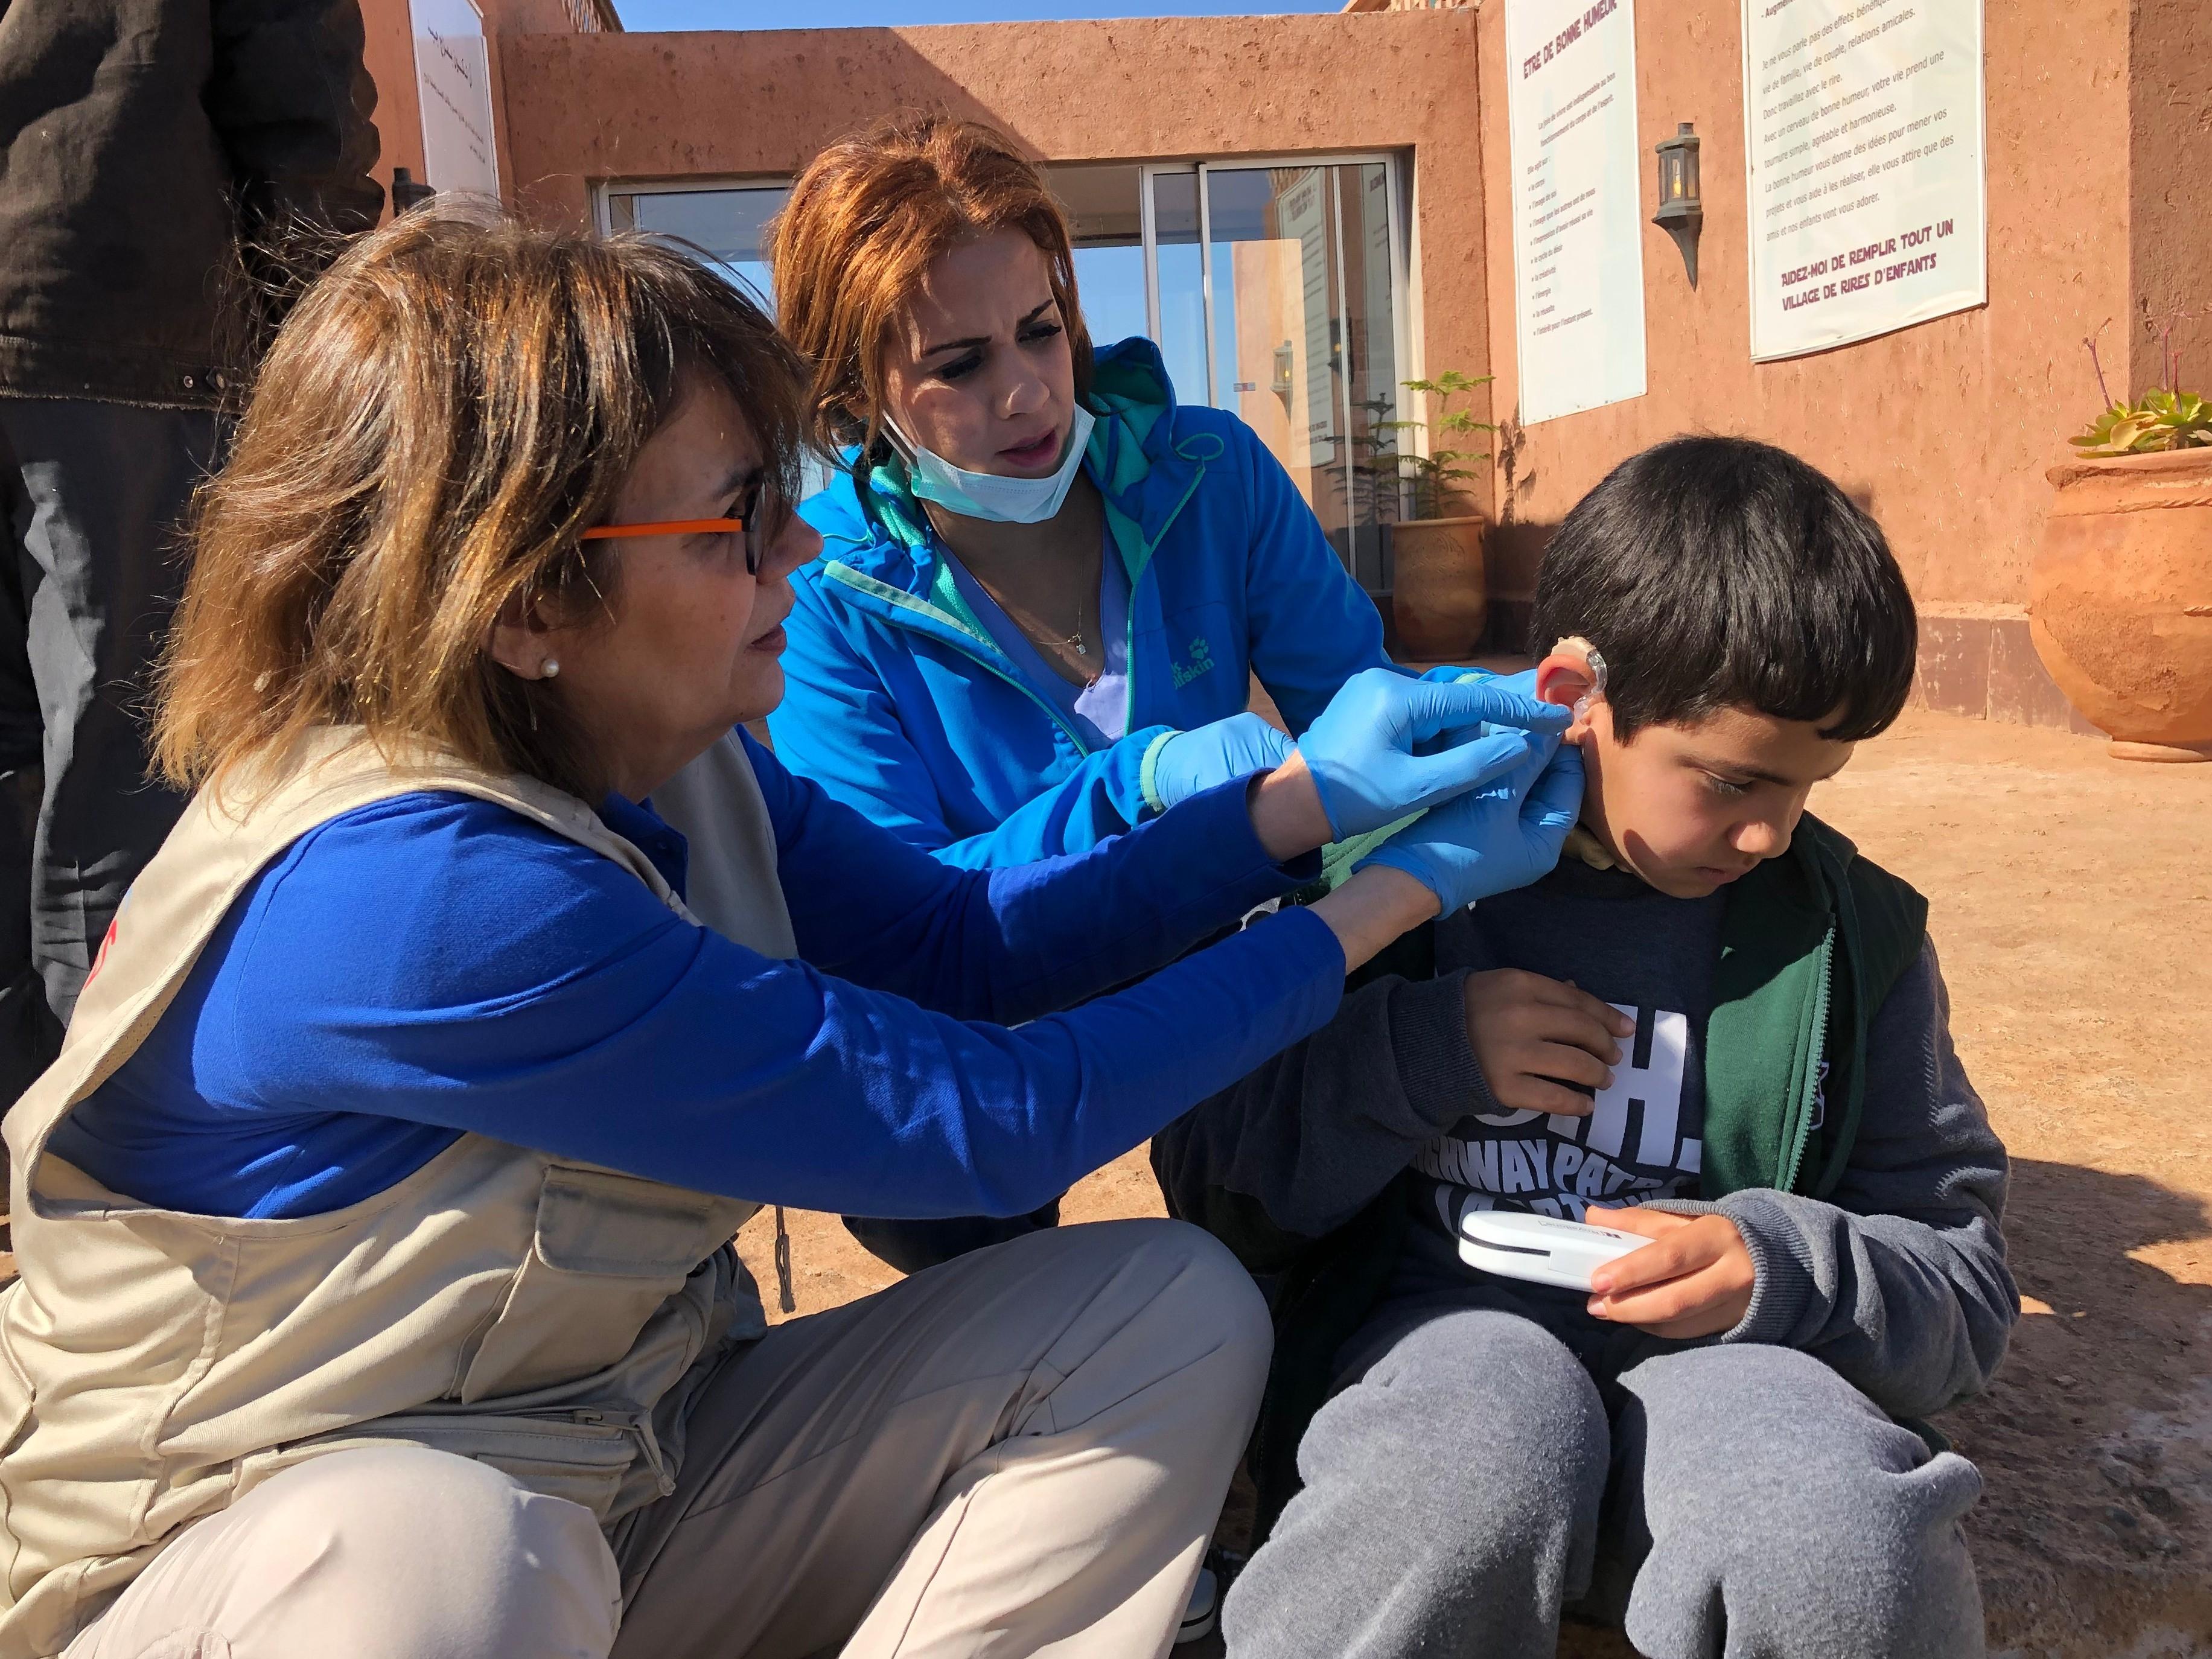 Nuevo proyecto en Marrakech con la Asociación Los Niños Dar Bouidar